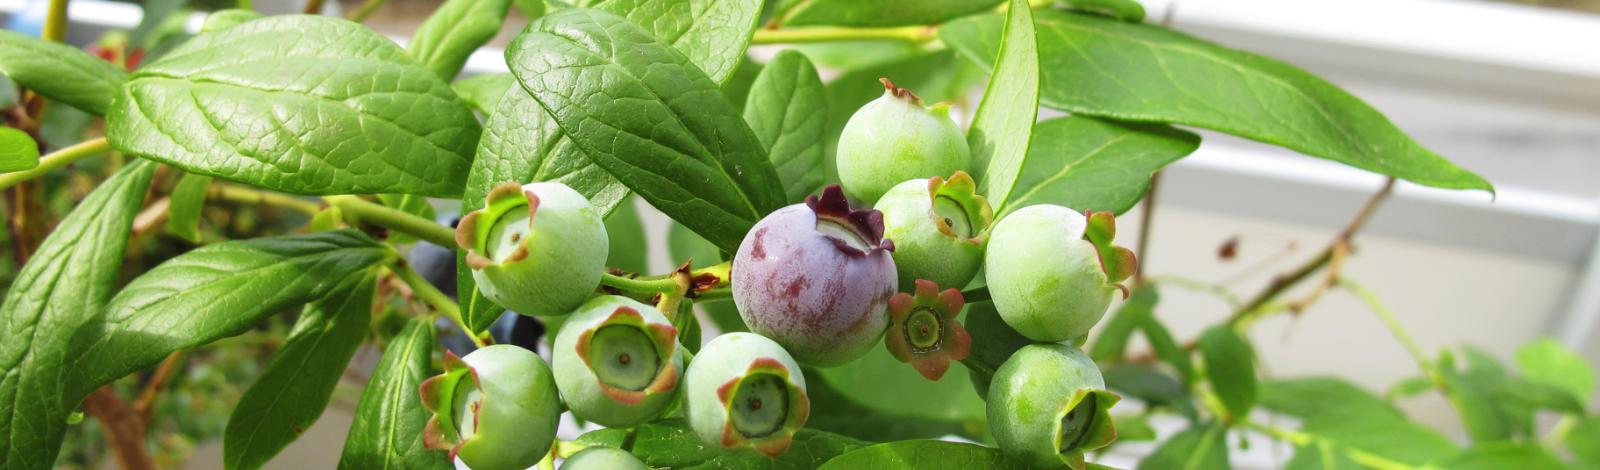 Cultivo hidropónico del arándano